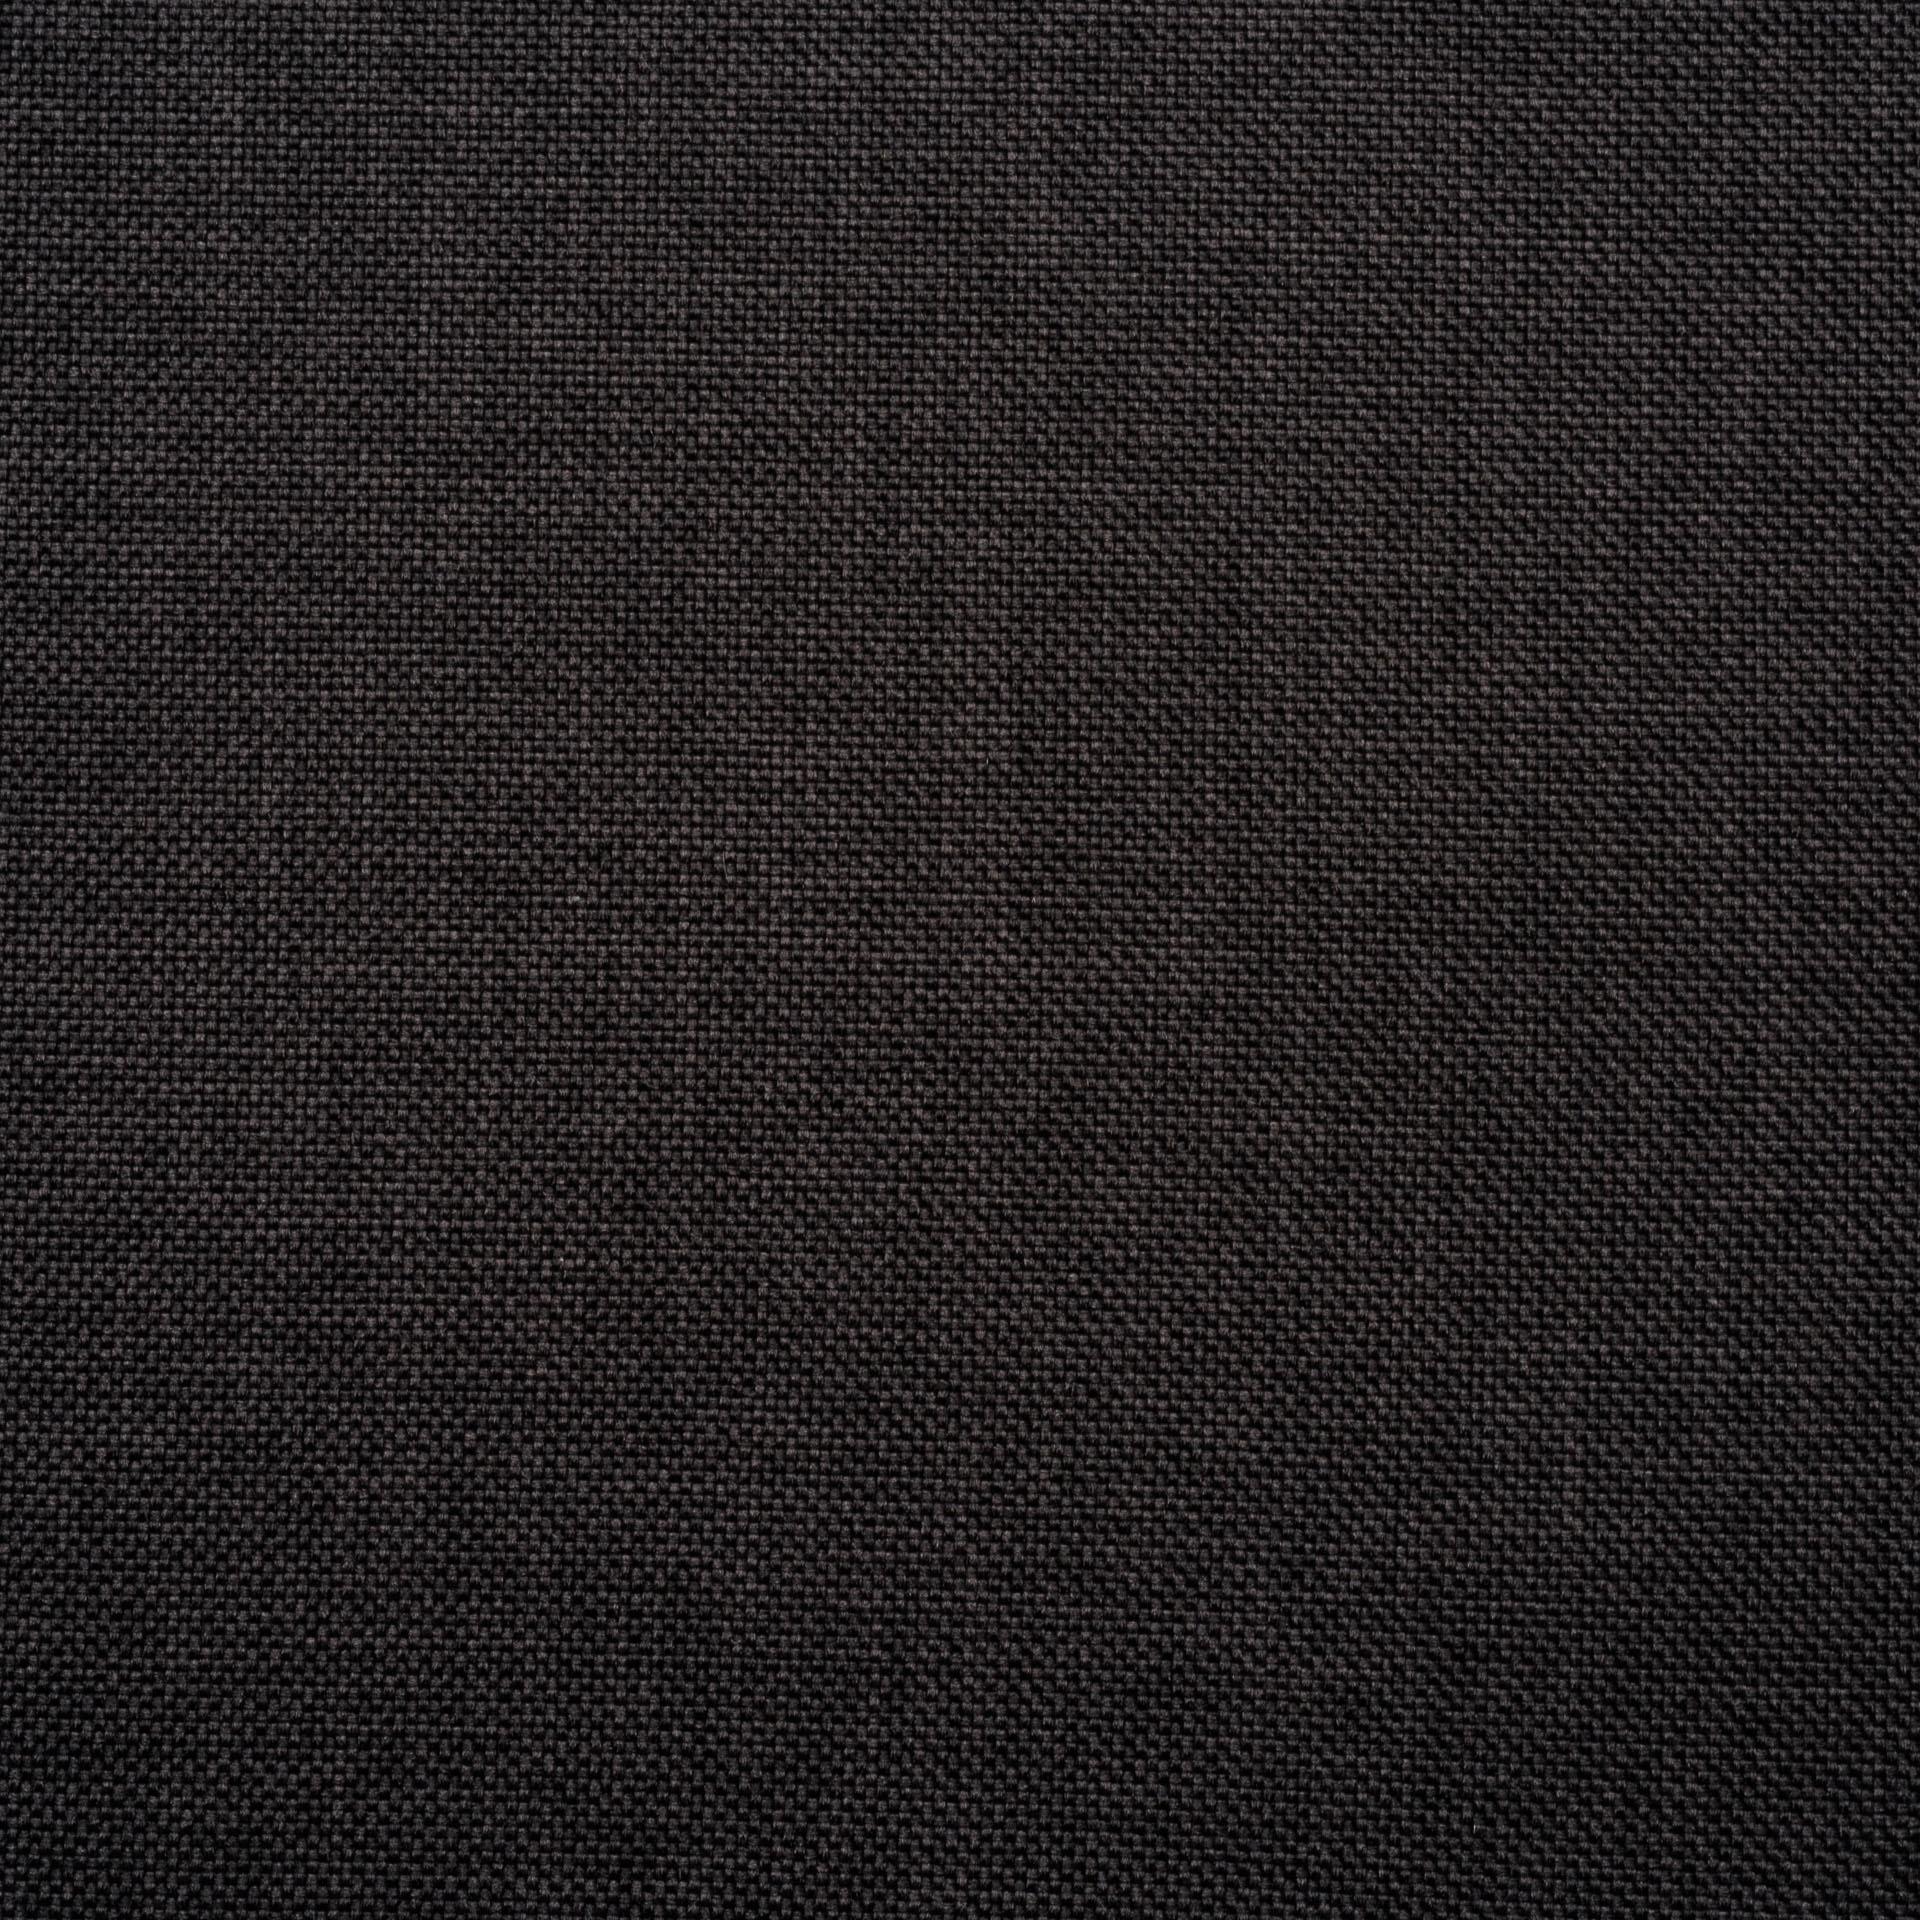 Коллекция ткани Саванна nova 06 Antracite,  купить ткань Жаккард для мебели Украина